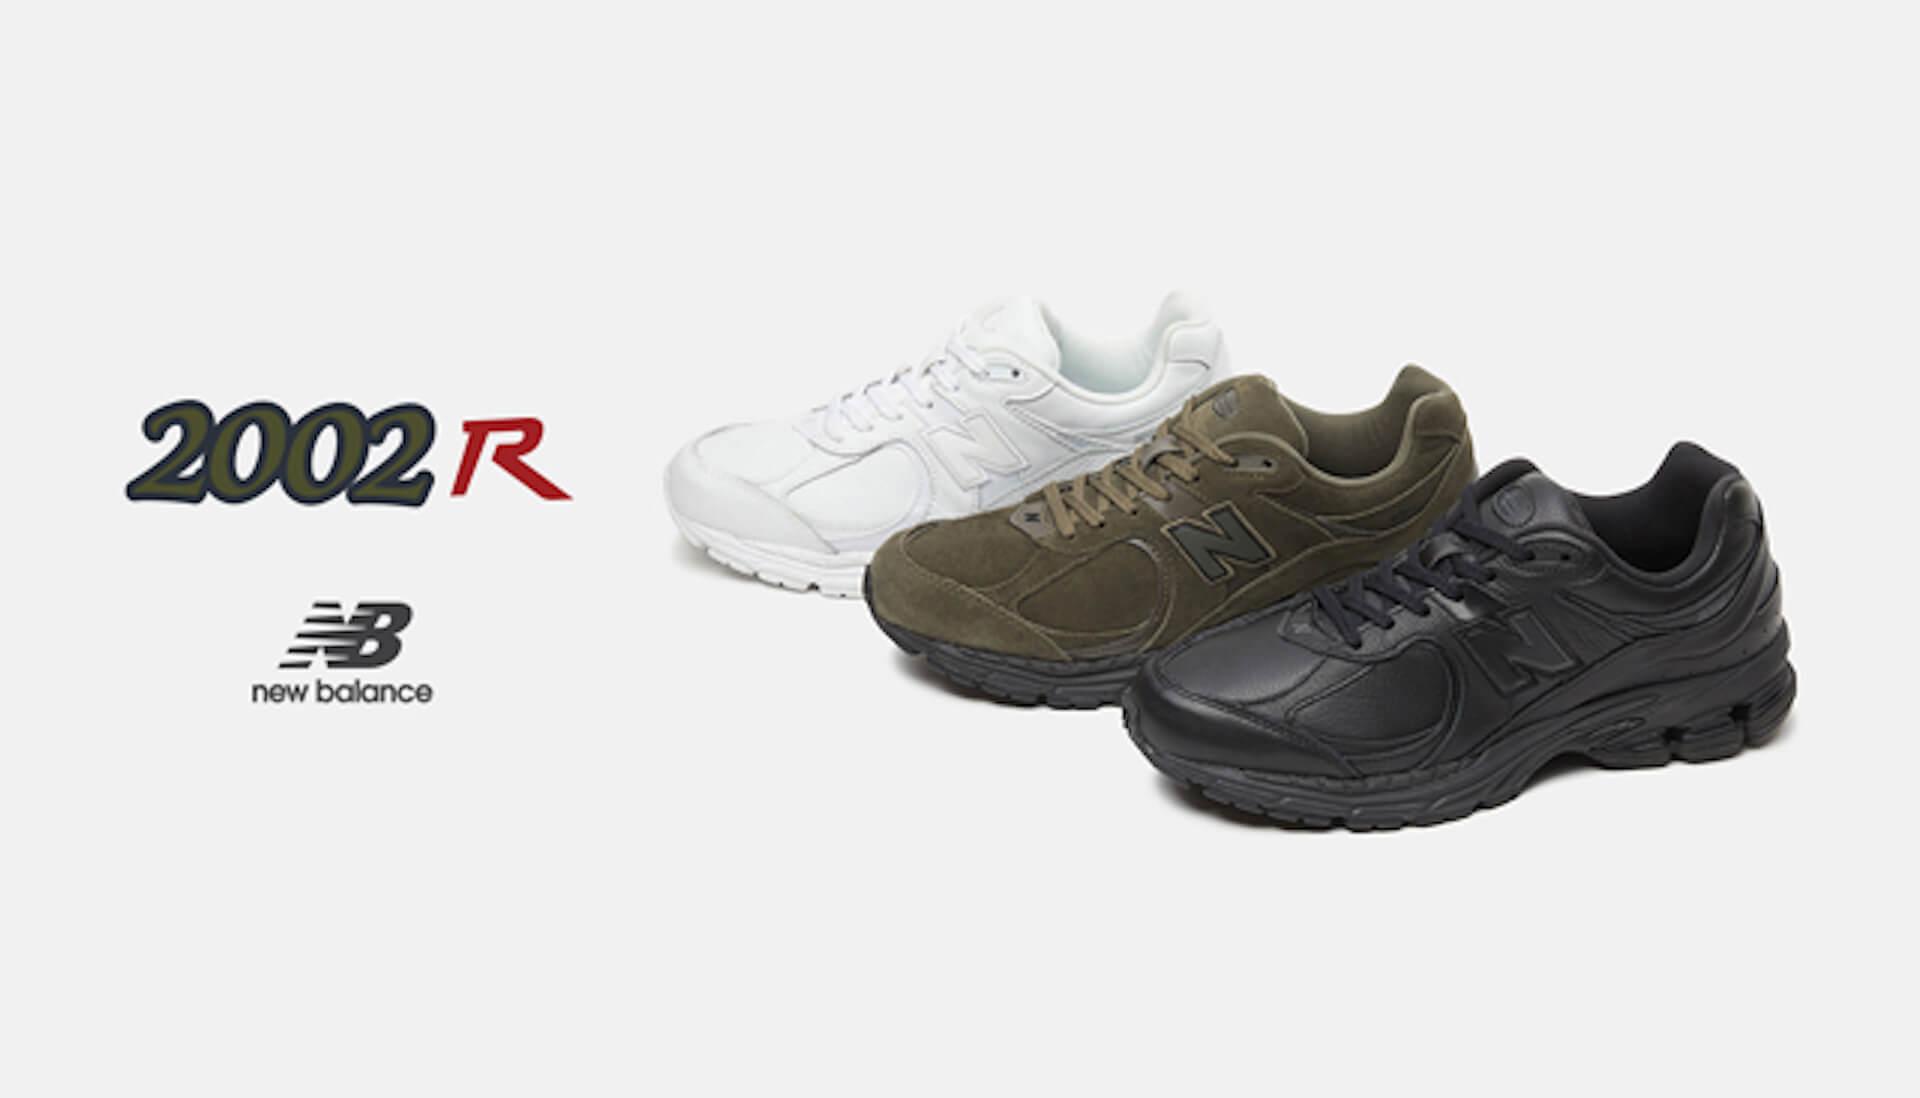 昨年復刻したニューバランス「2002R」に新色ブラック、ホワイト、オリーブが登場!昨年発売のオリジナルカラーは即完売 life210215_newbalanec_2002r_8